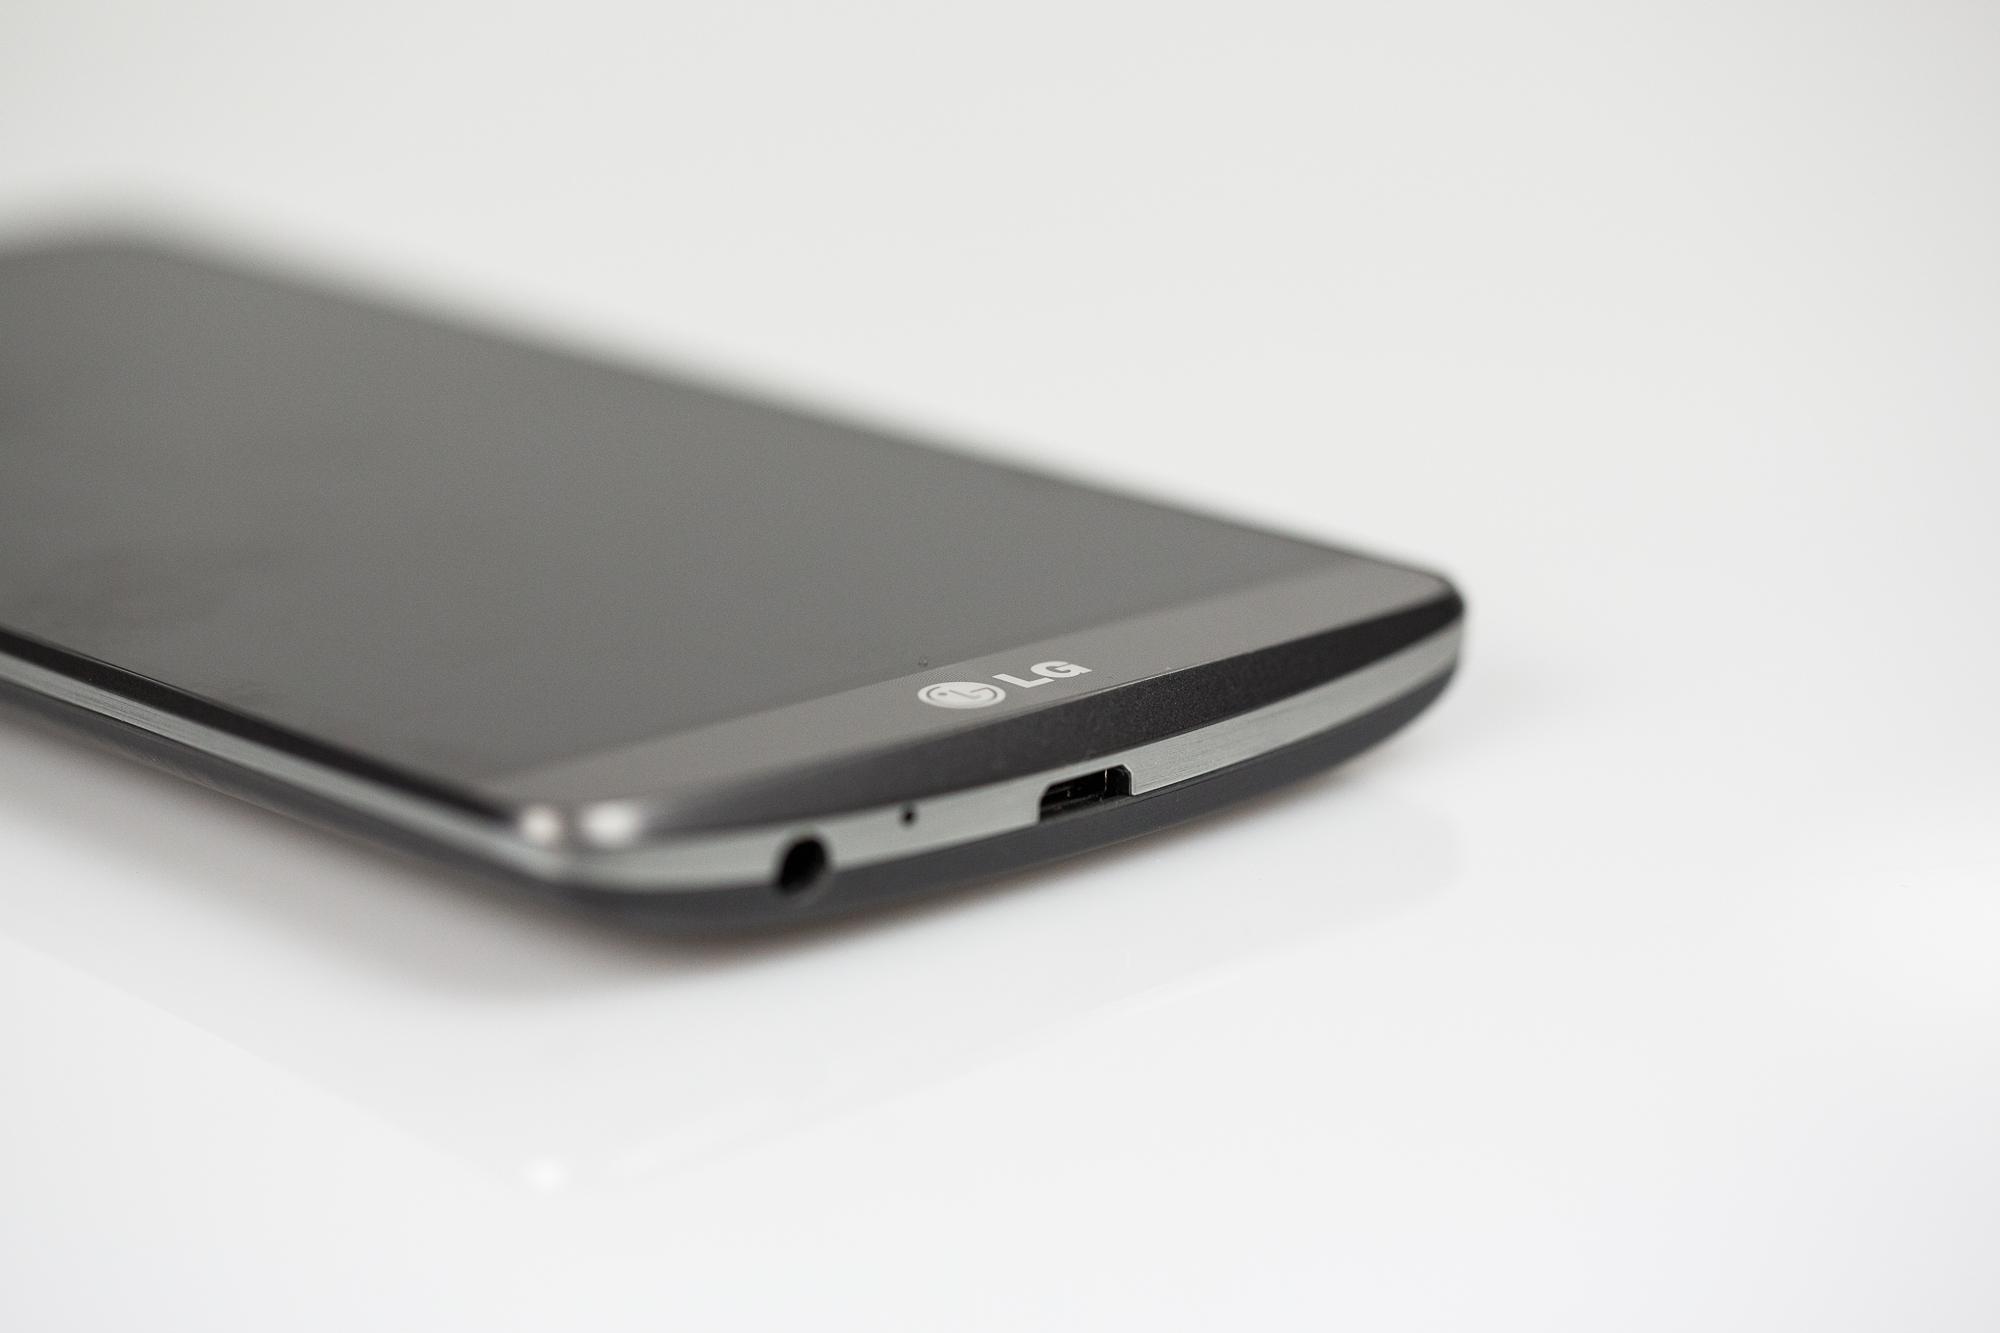 LG G3 im Test: Scharfes Display, schnelle Kamera -